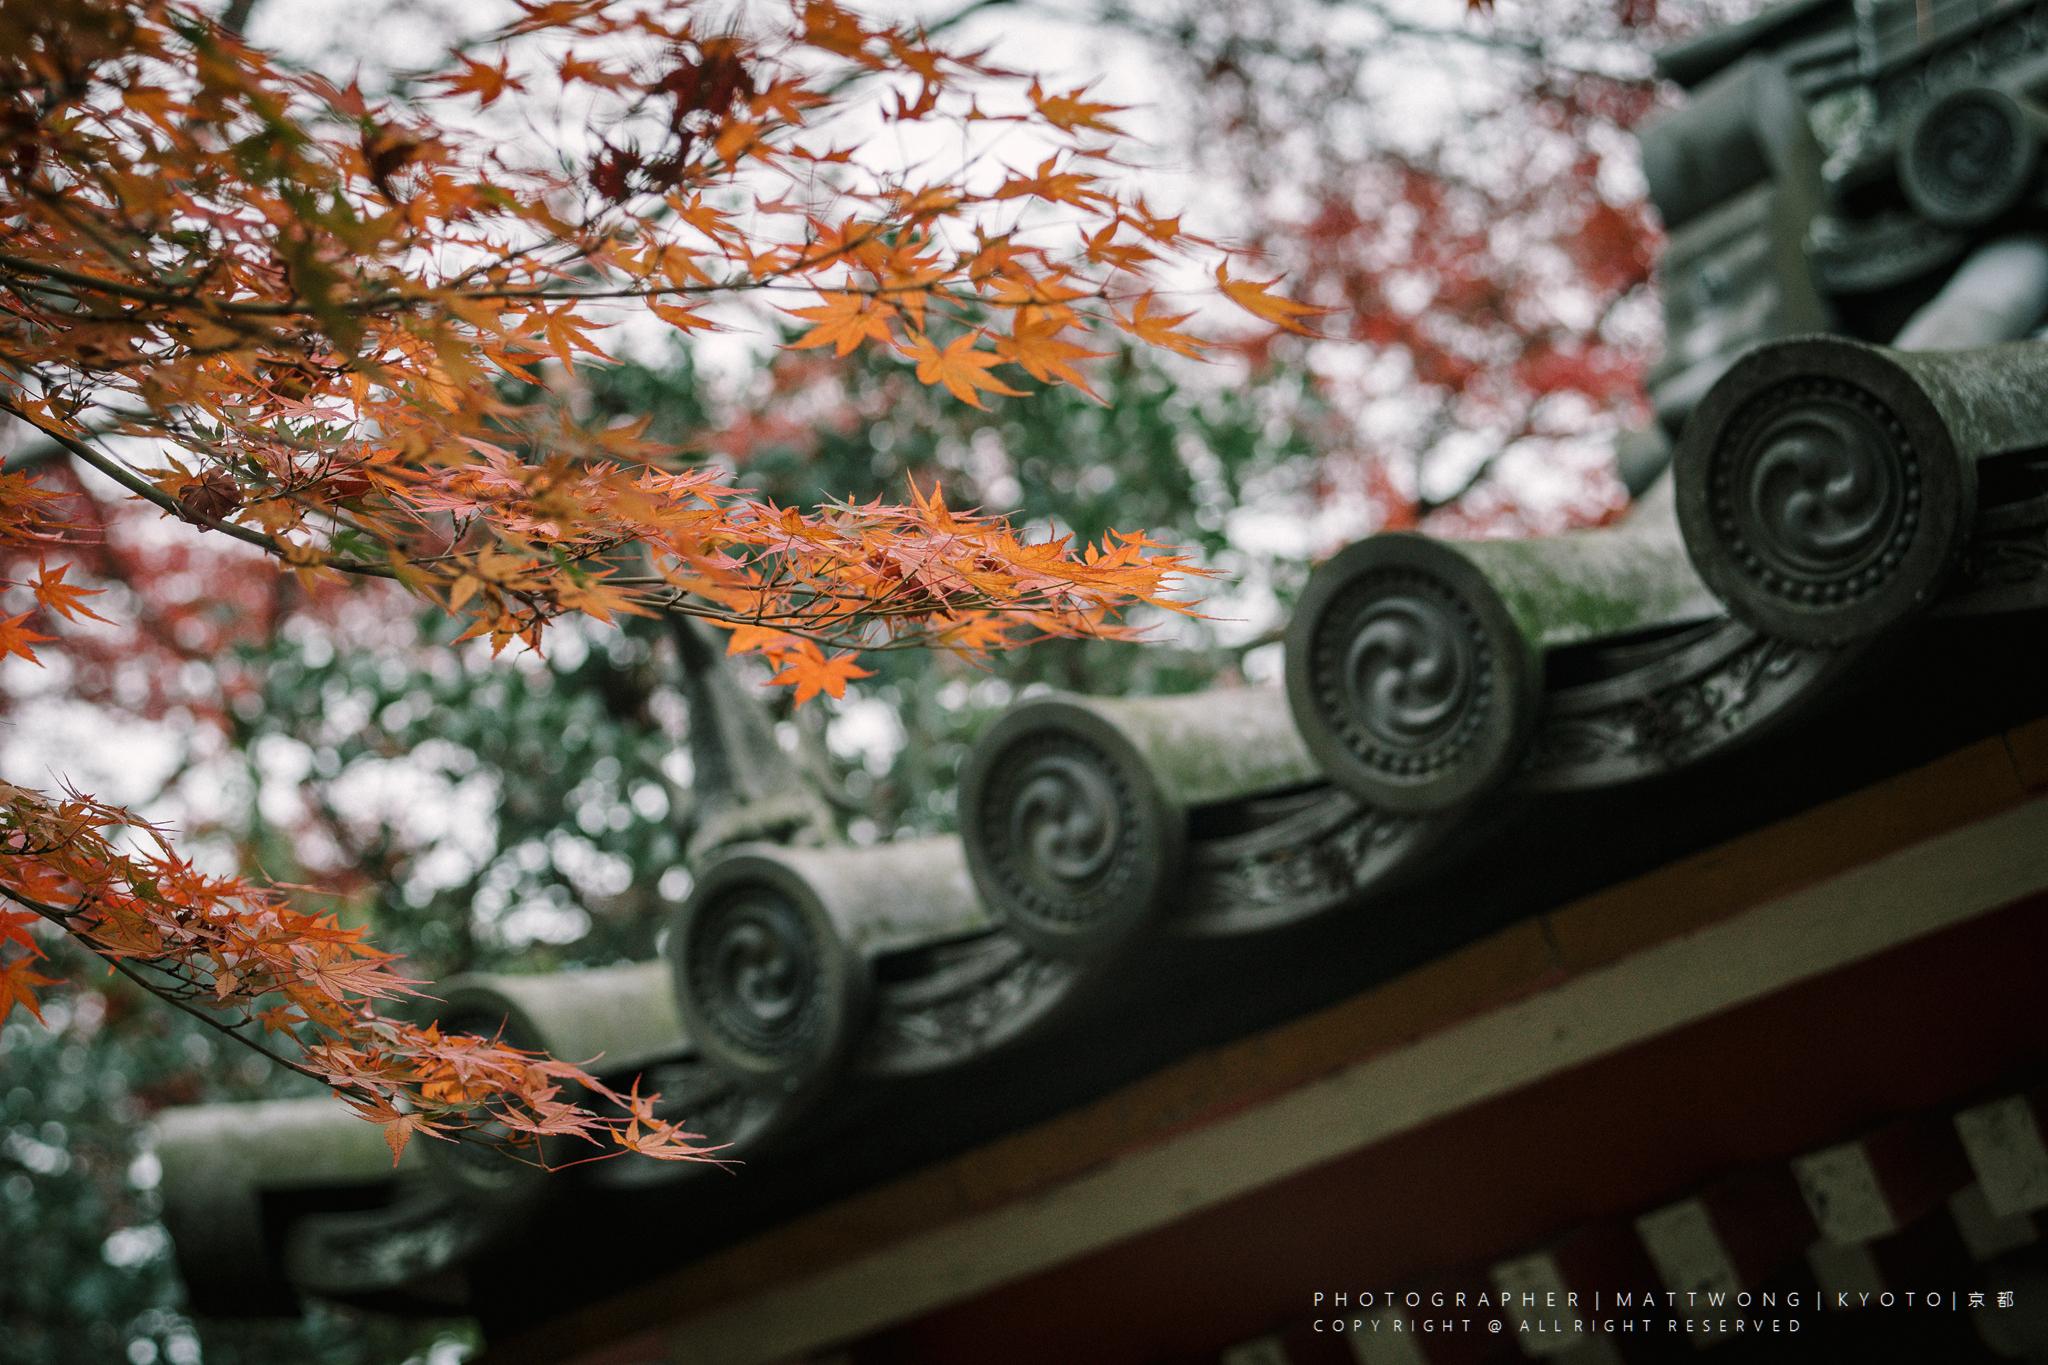 日本花之蛇图片